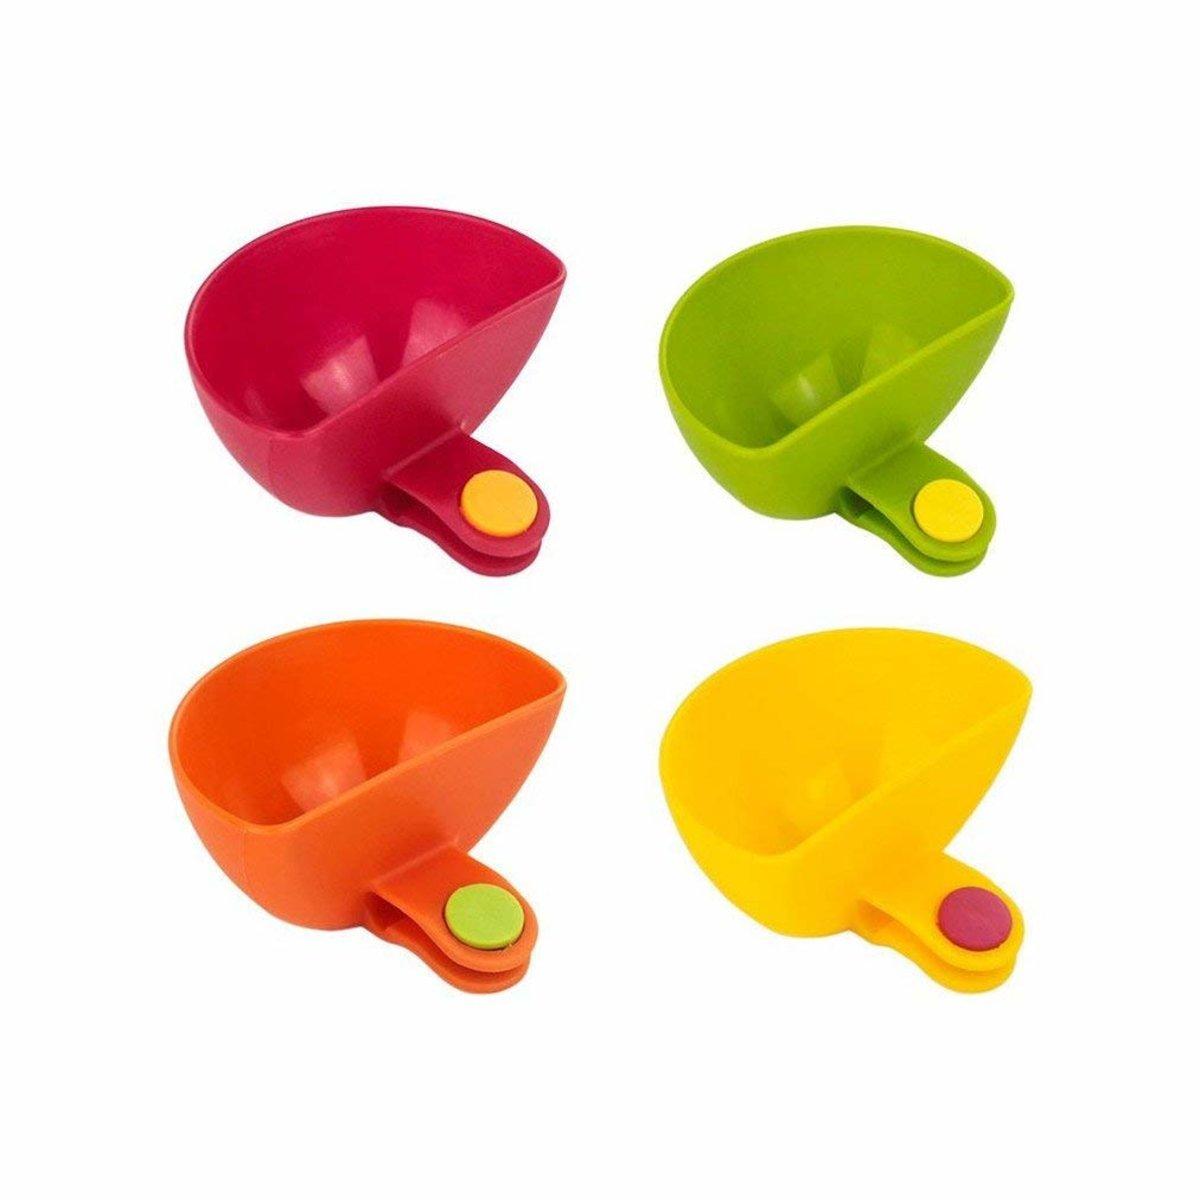 【一套4個】廚房工具 夾式調味料容器 醬汁碗 醬油分配架 醬料碟